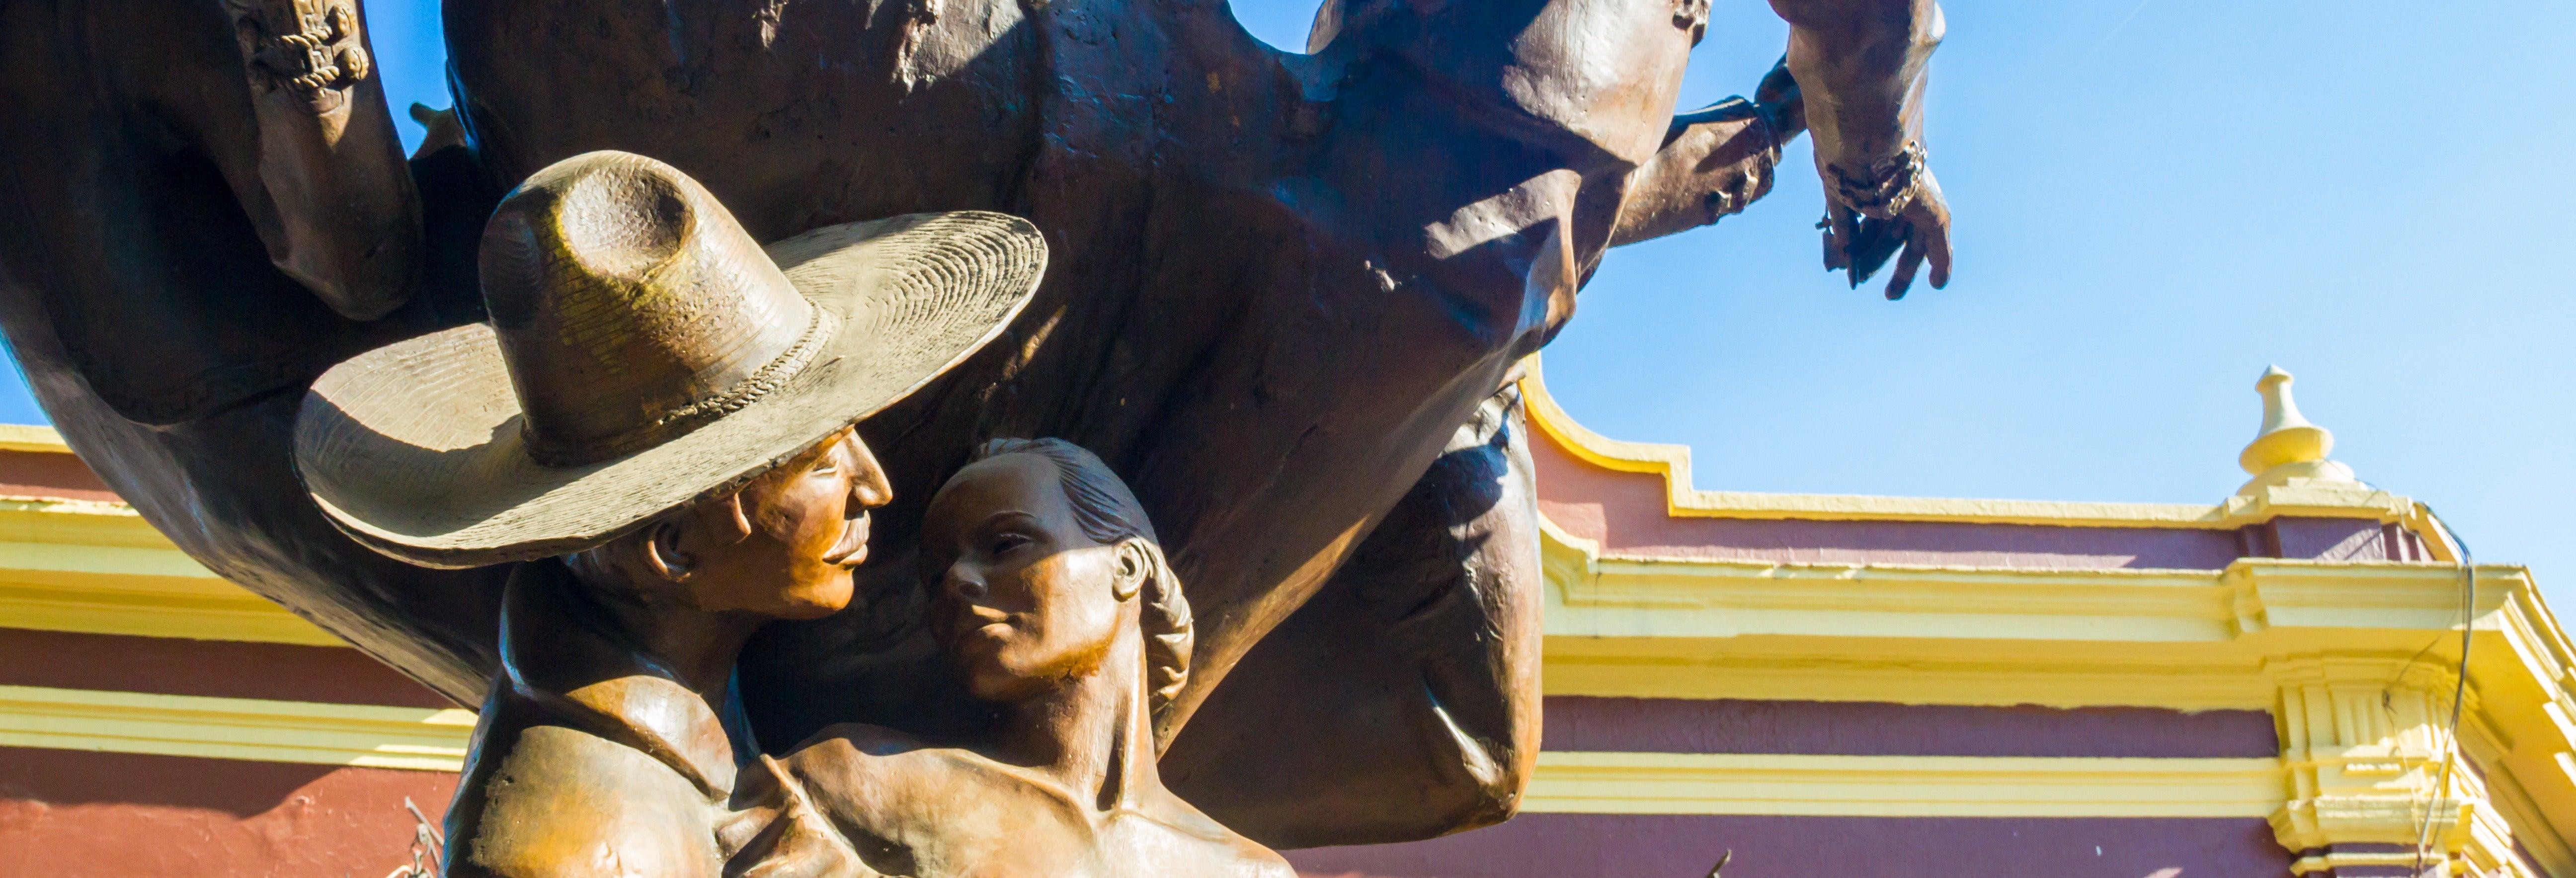 Visita guiada por Guadalajara y Tlaquepaque